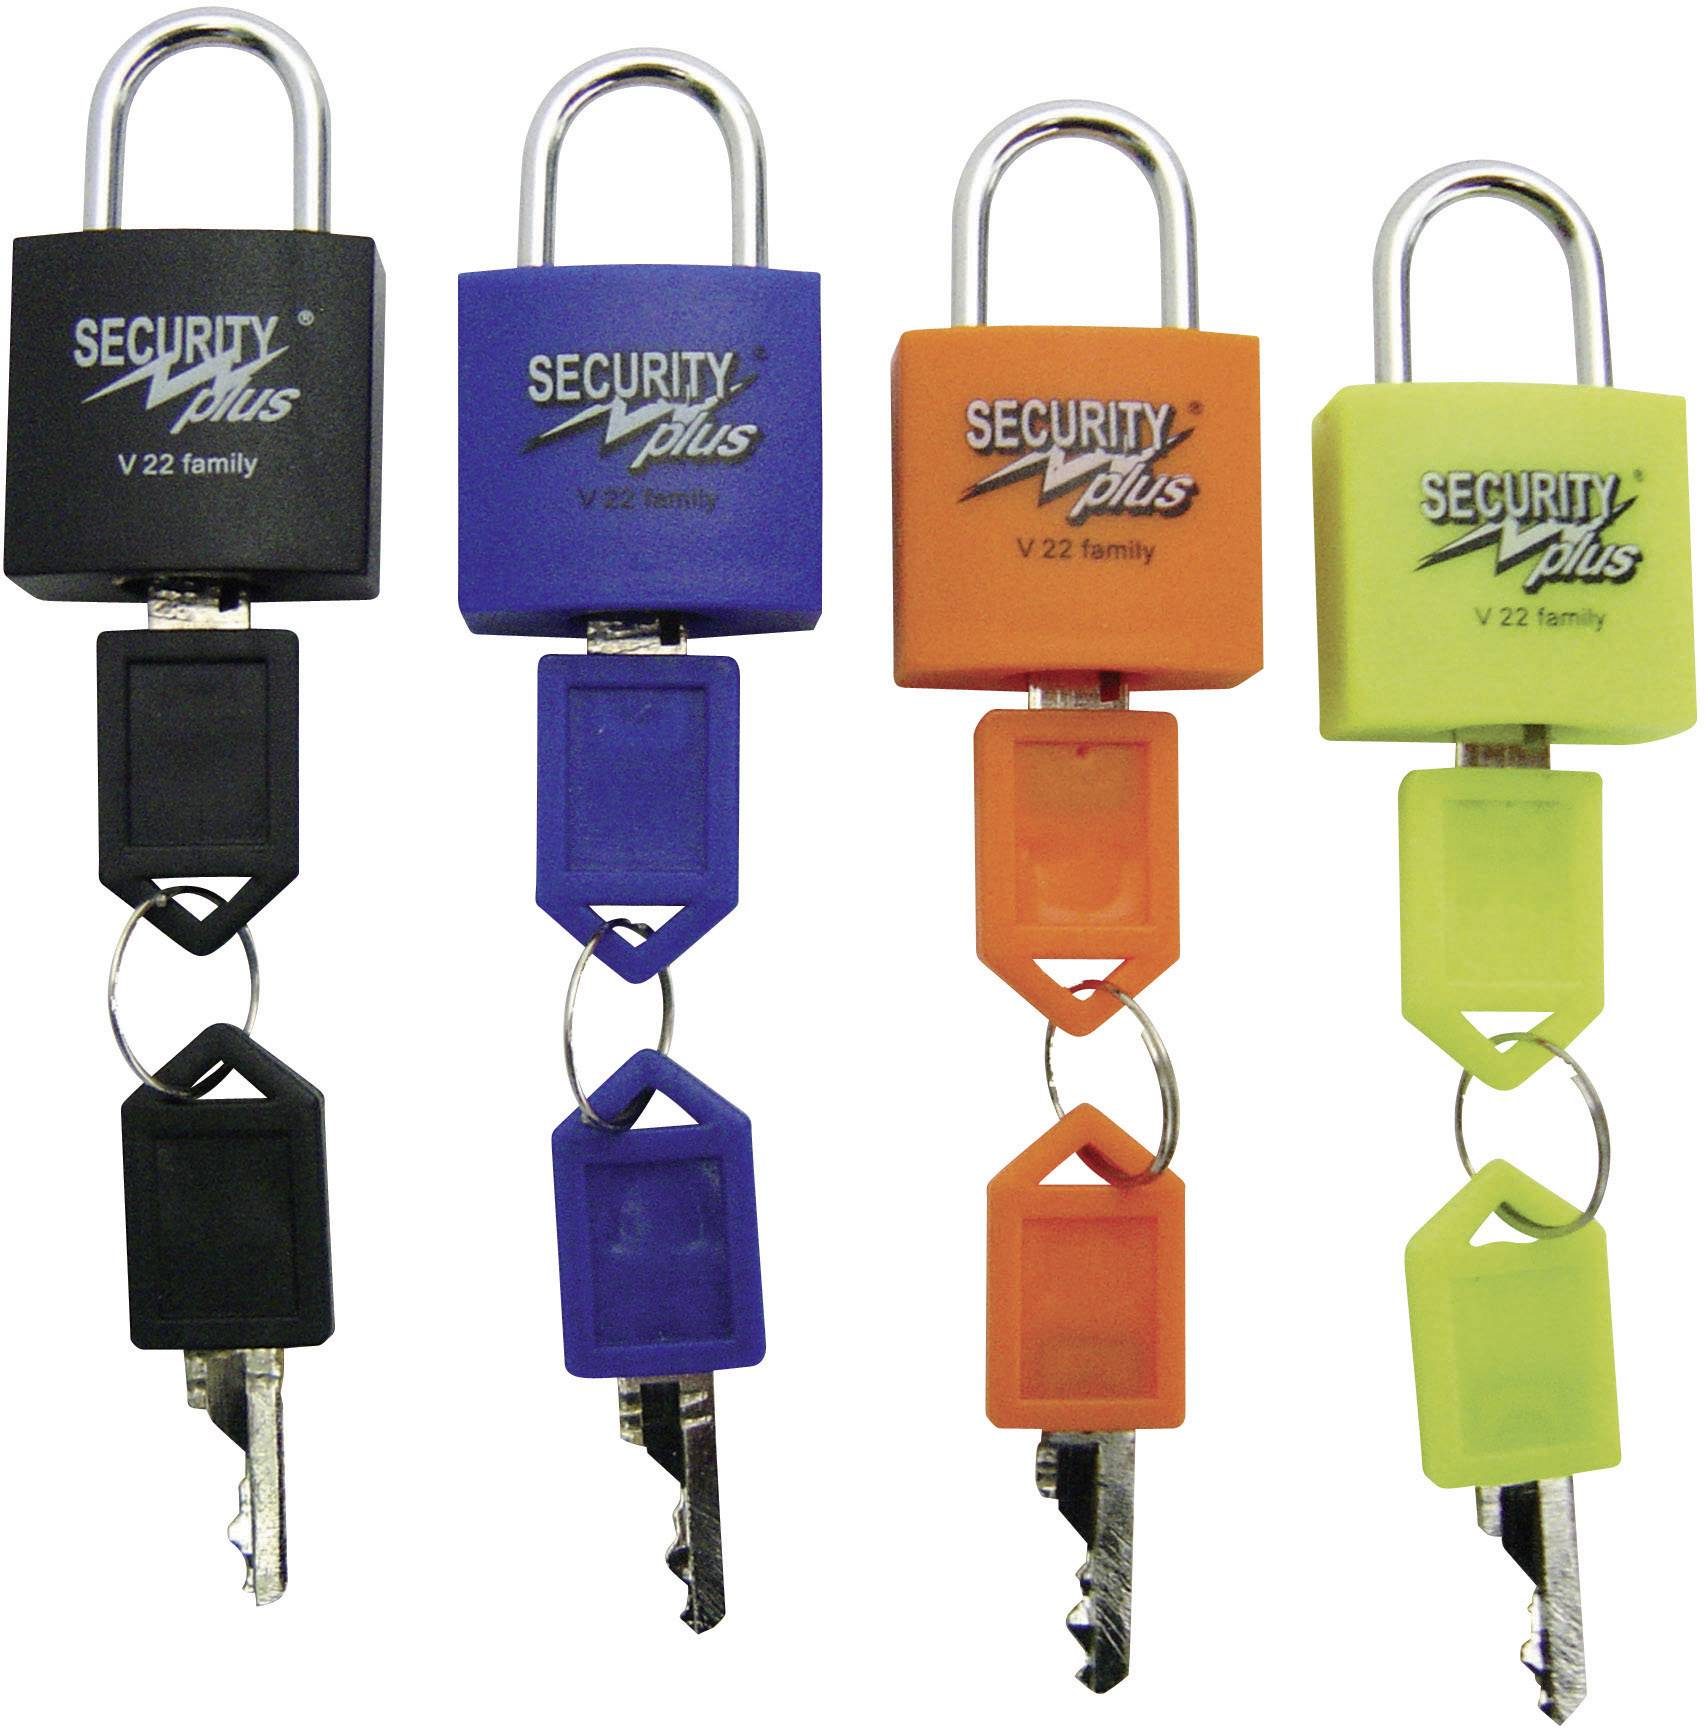 Visiaci zámok Security Plus V 22-4, (d x š x v) 13 x 24 x 40 mm, sada 4 ks, neónovo žltá, modrá, oranžová, čierna